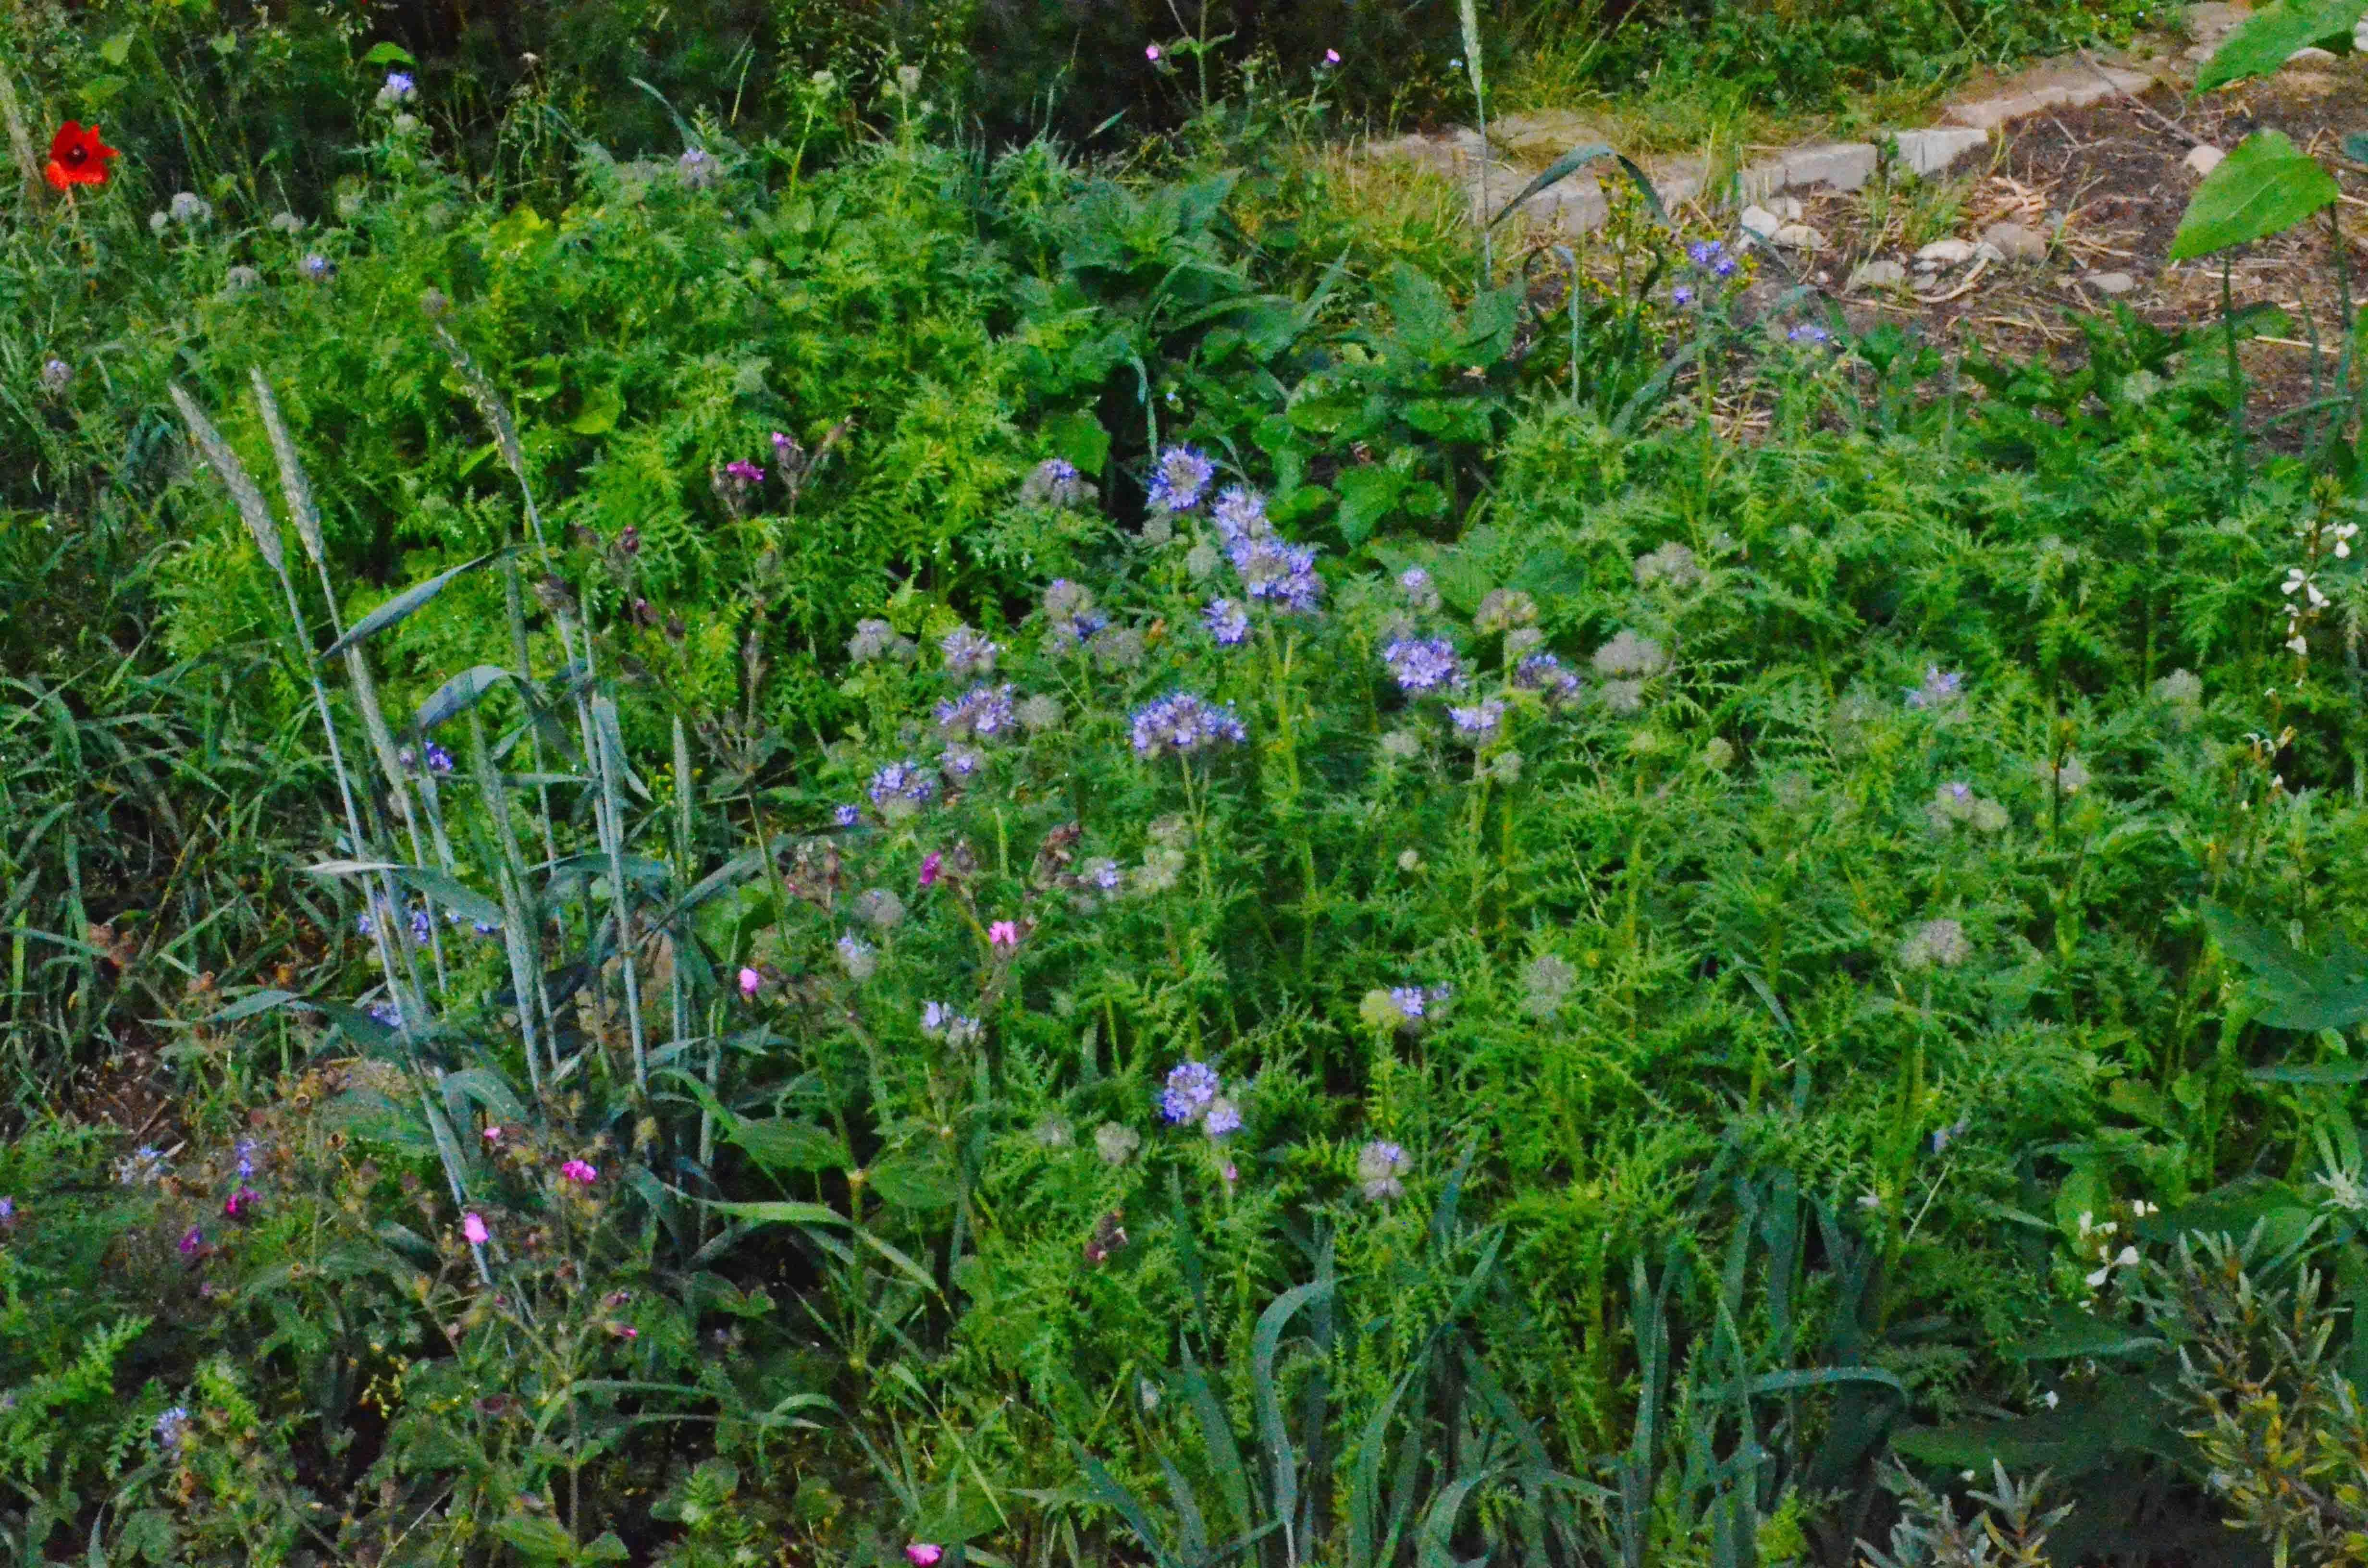 Pflanzen Dungen Mit Biologischen Hilfsmitteln Haus Und Beet Pflanzen Garten Hilfsmittel